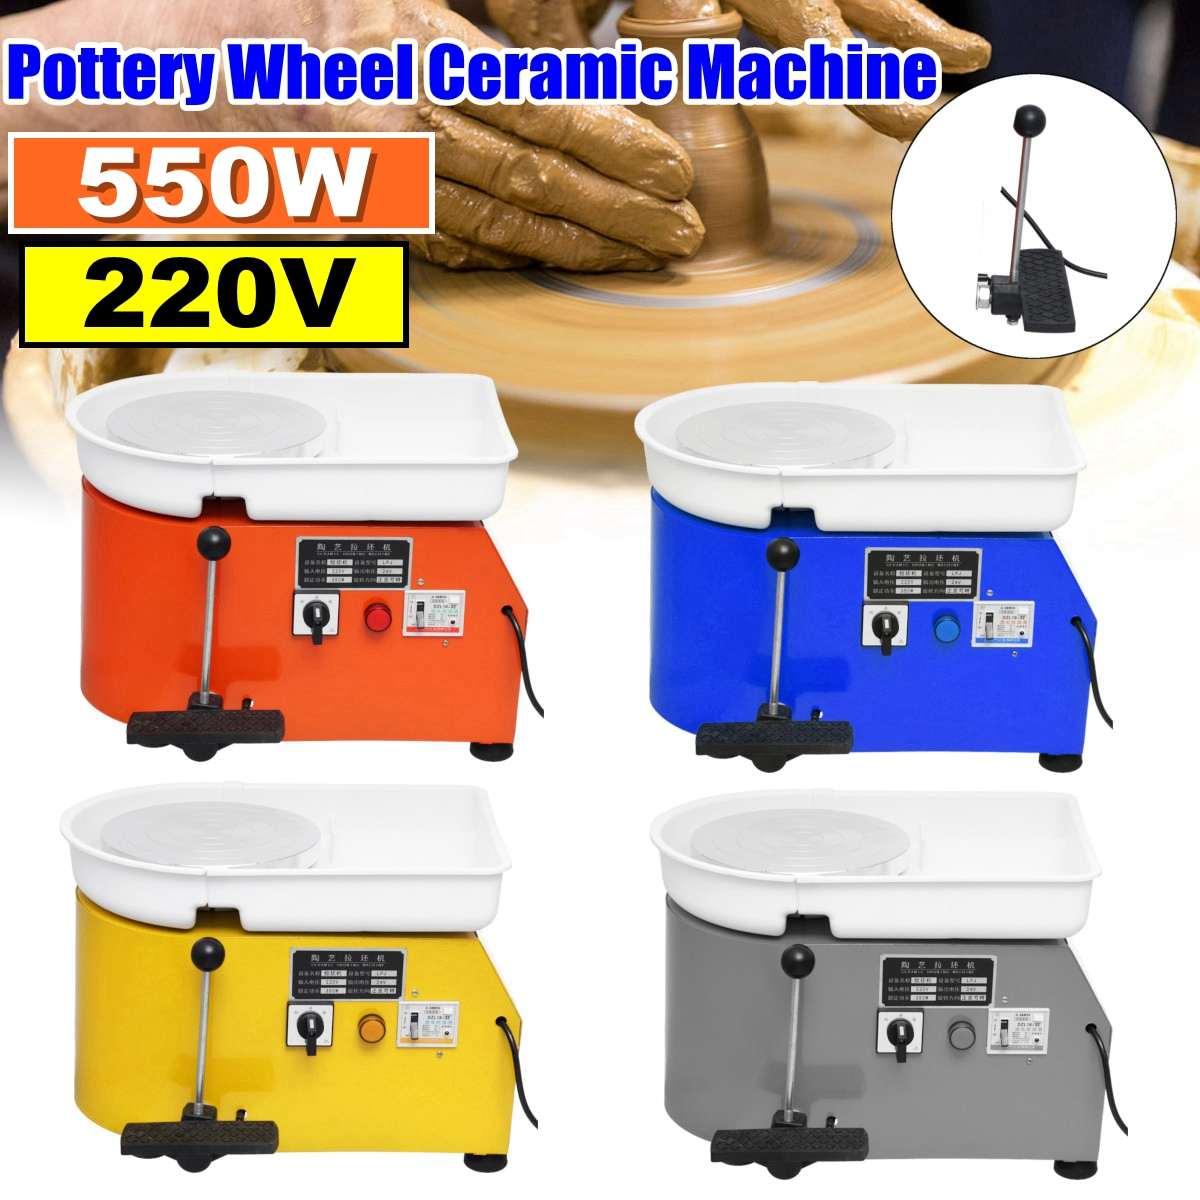 Poterie roue Machine 25cm AC 220V 550W Flexible manuel pédale en céramique travail céramique argile Art avec Mobile lisse à faible bruit